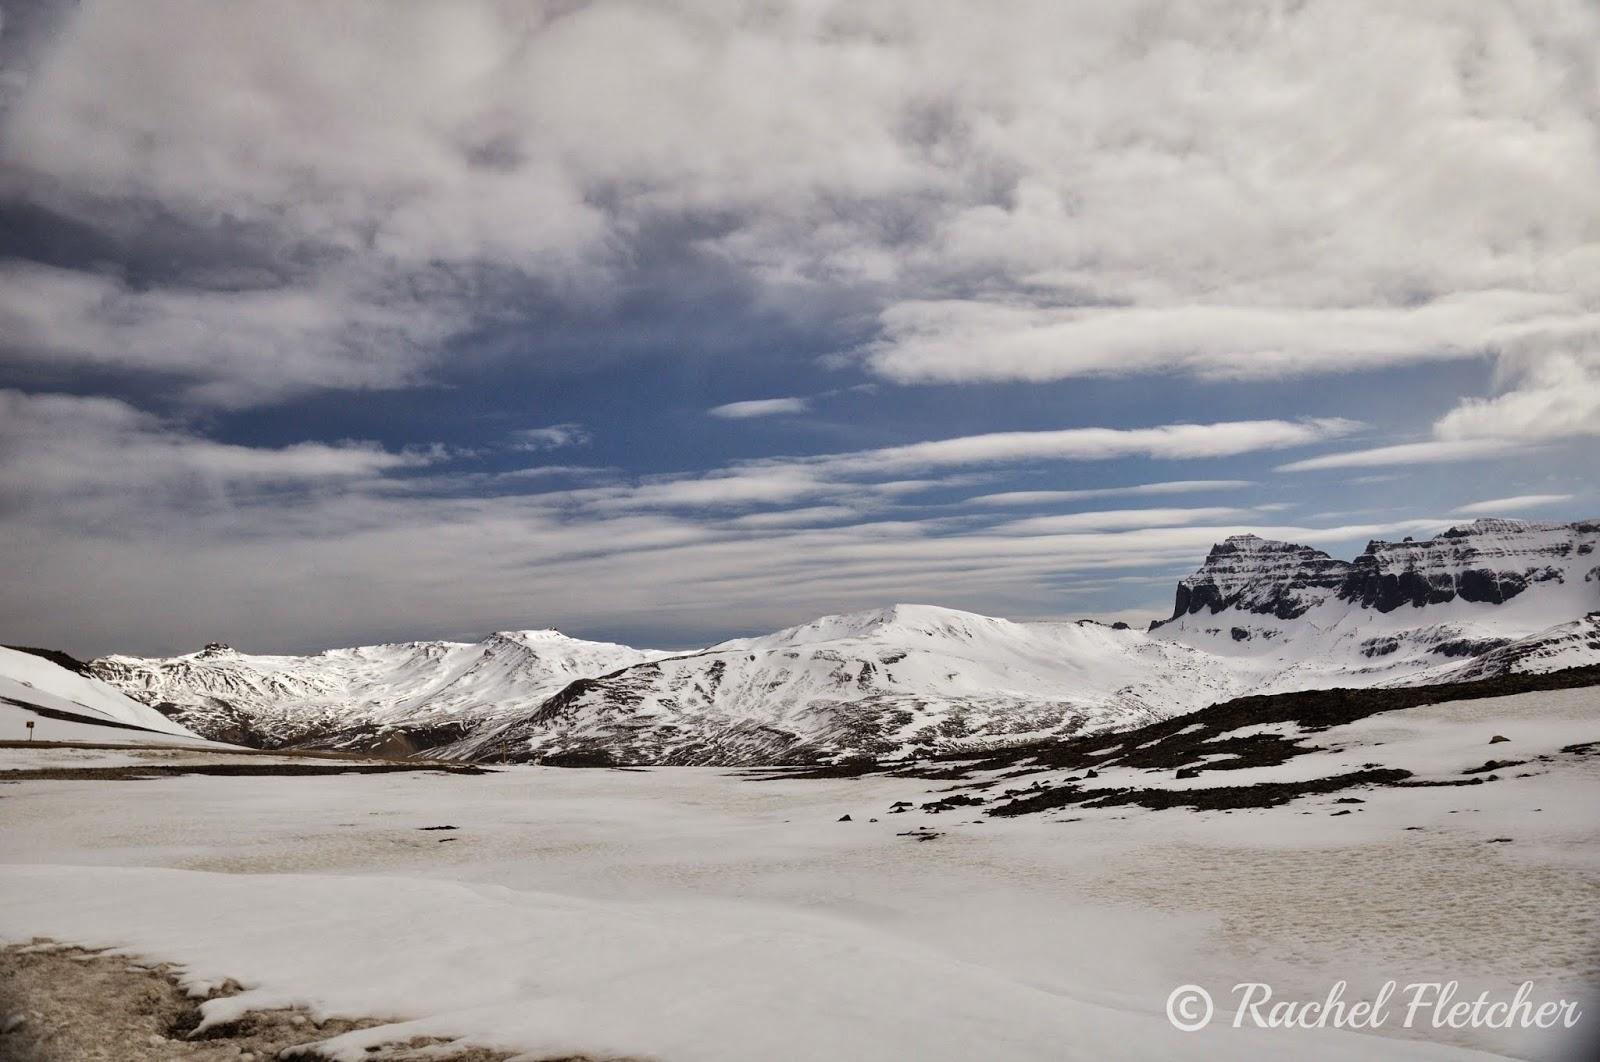 Snowy Icelandic scenery